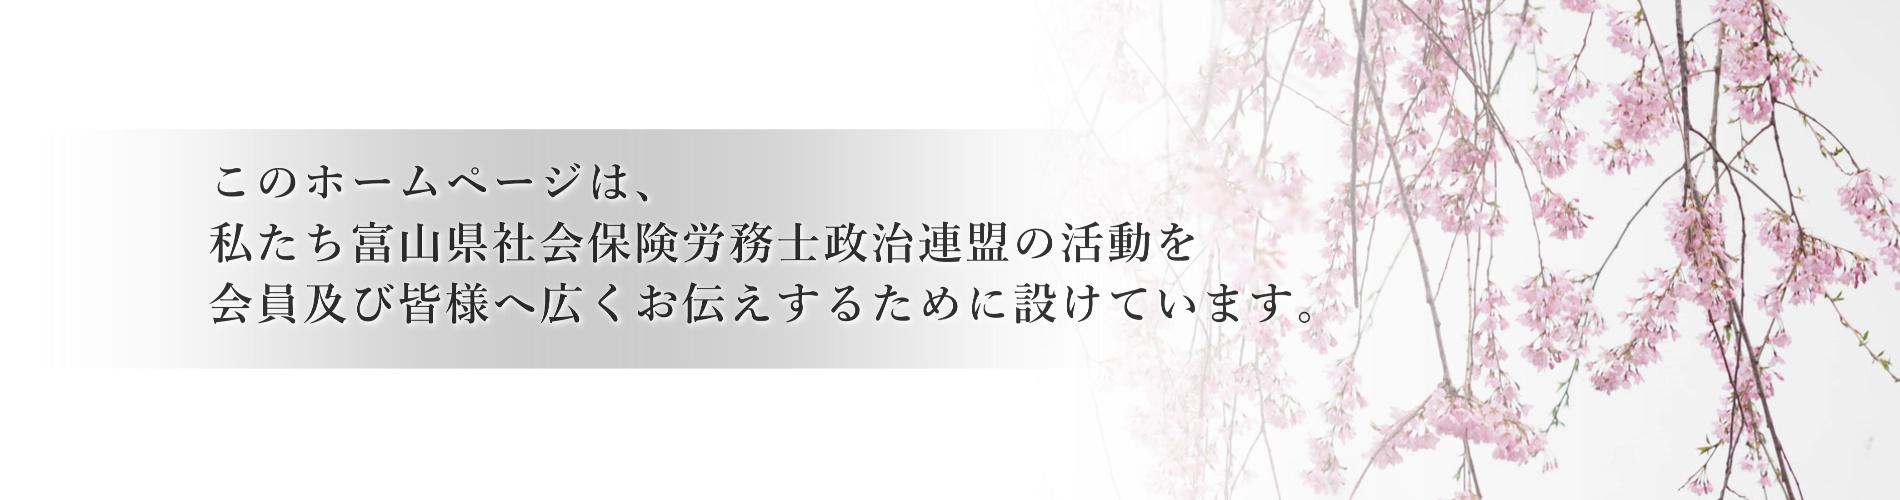 富山県社会保険労務士政治連盟